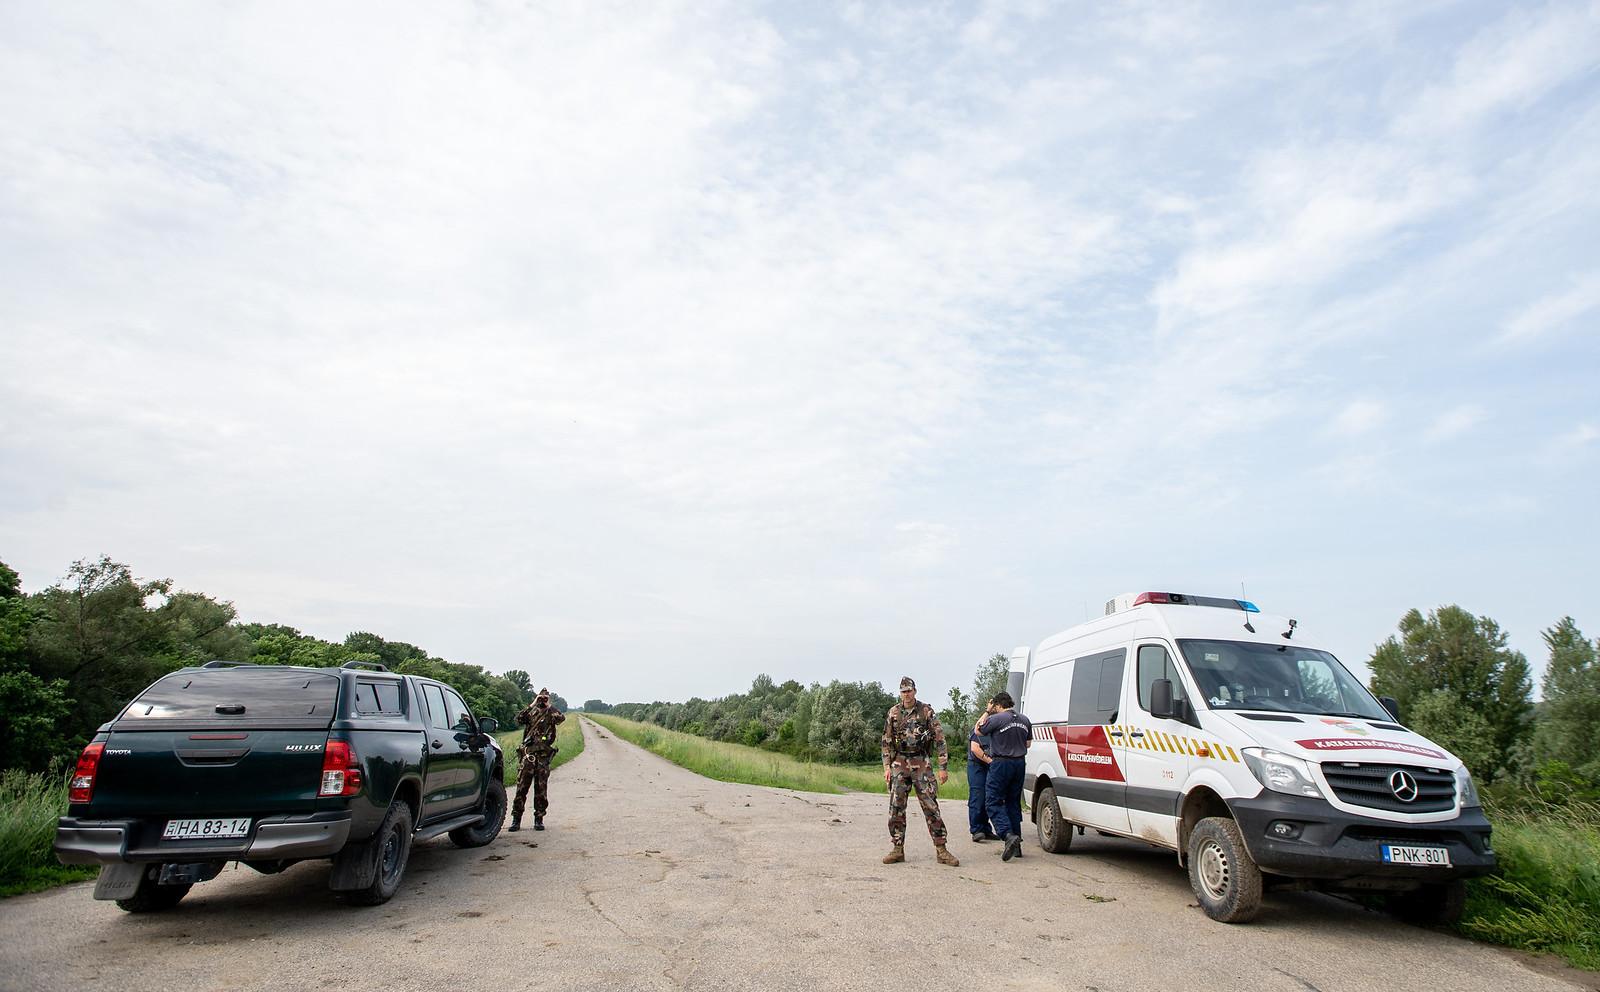 Kivezényelték a Honvédséget a déli határra, hogy a rendőrök máshol dolgozhassanak